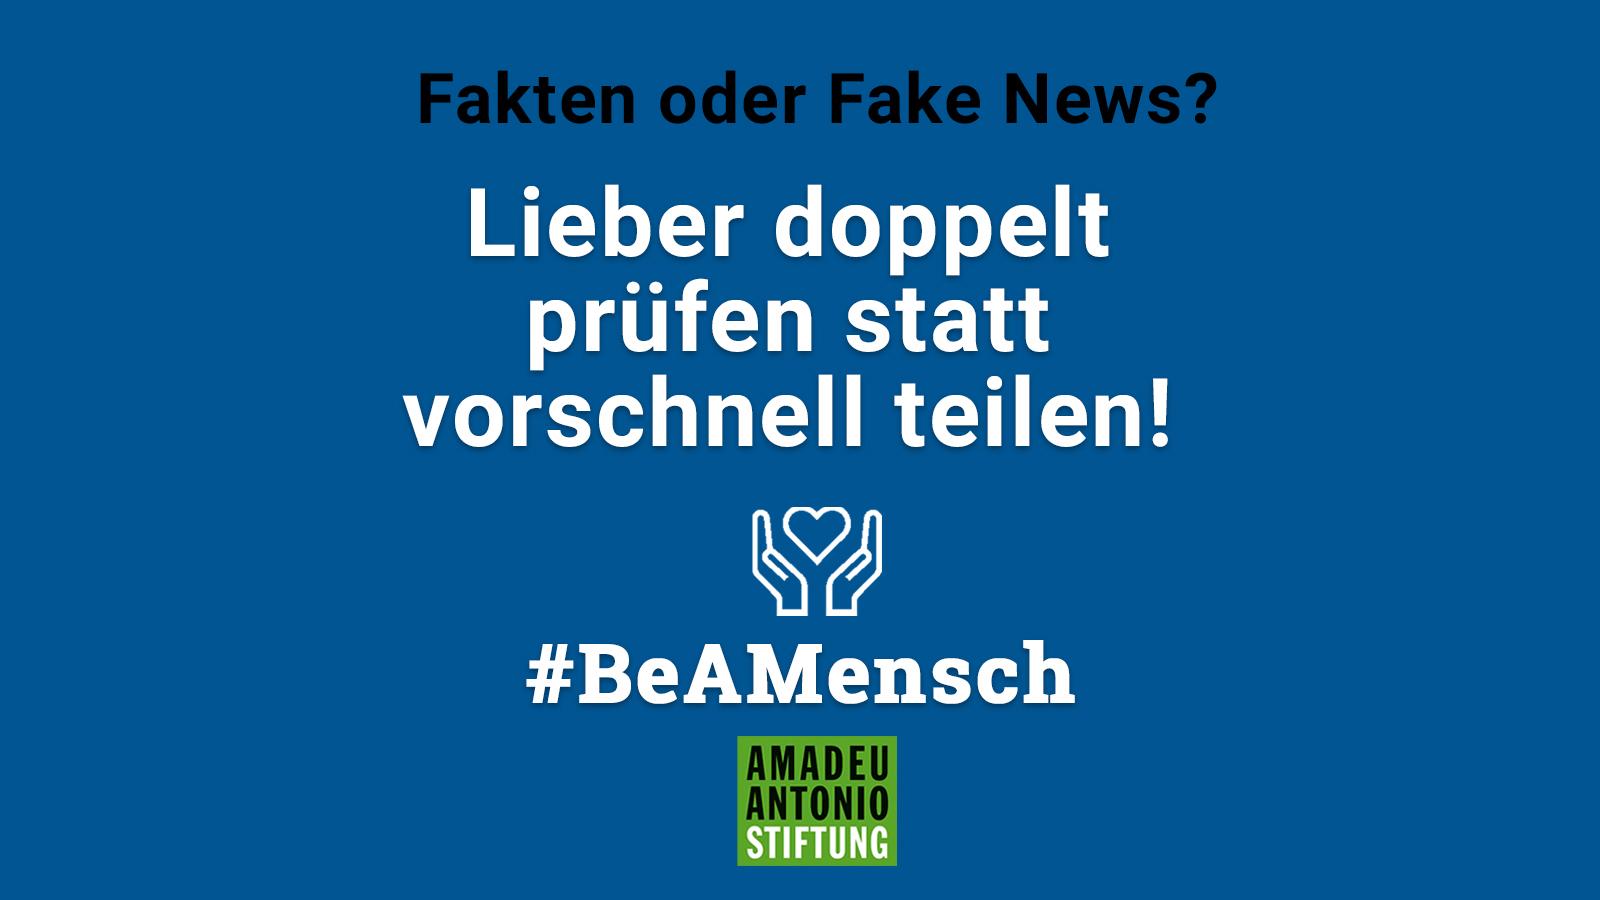 BeaMensch-Desinformation-16_9